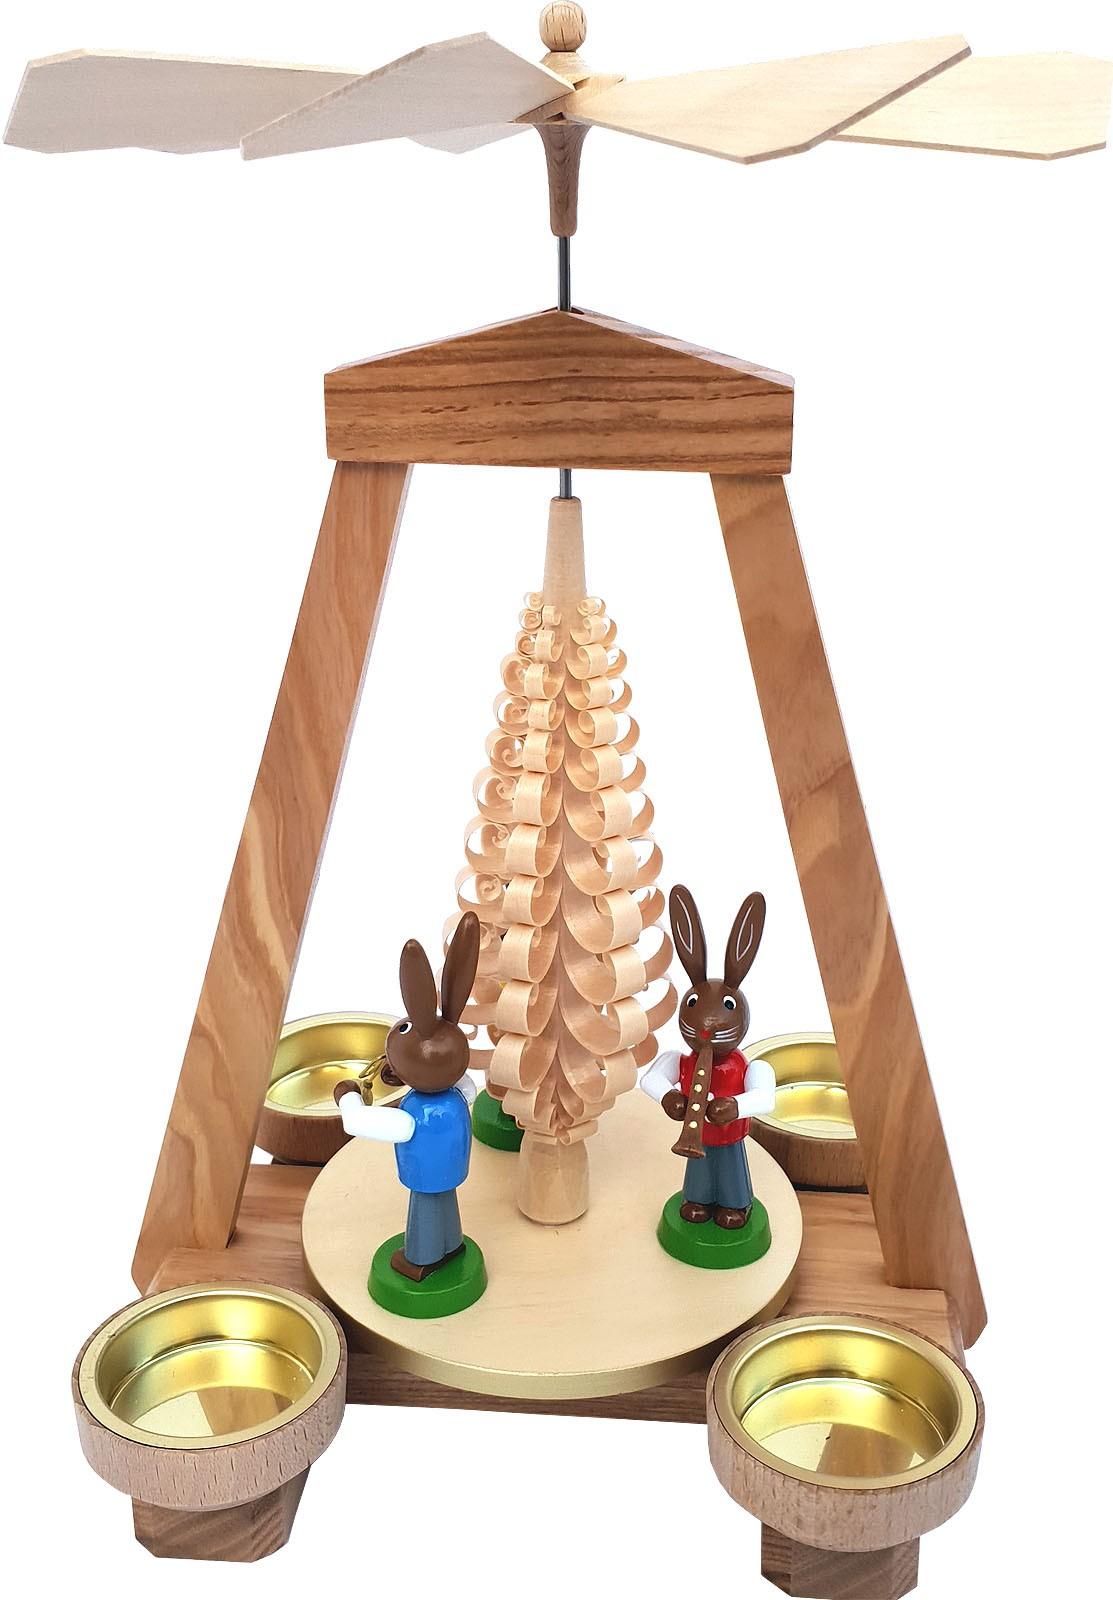 Seiffener Handwerksschau Osterpyramide natur, farbige Hasen